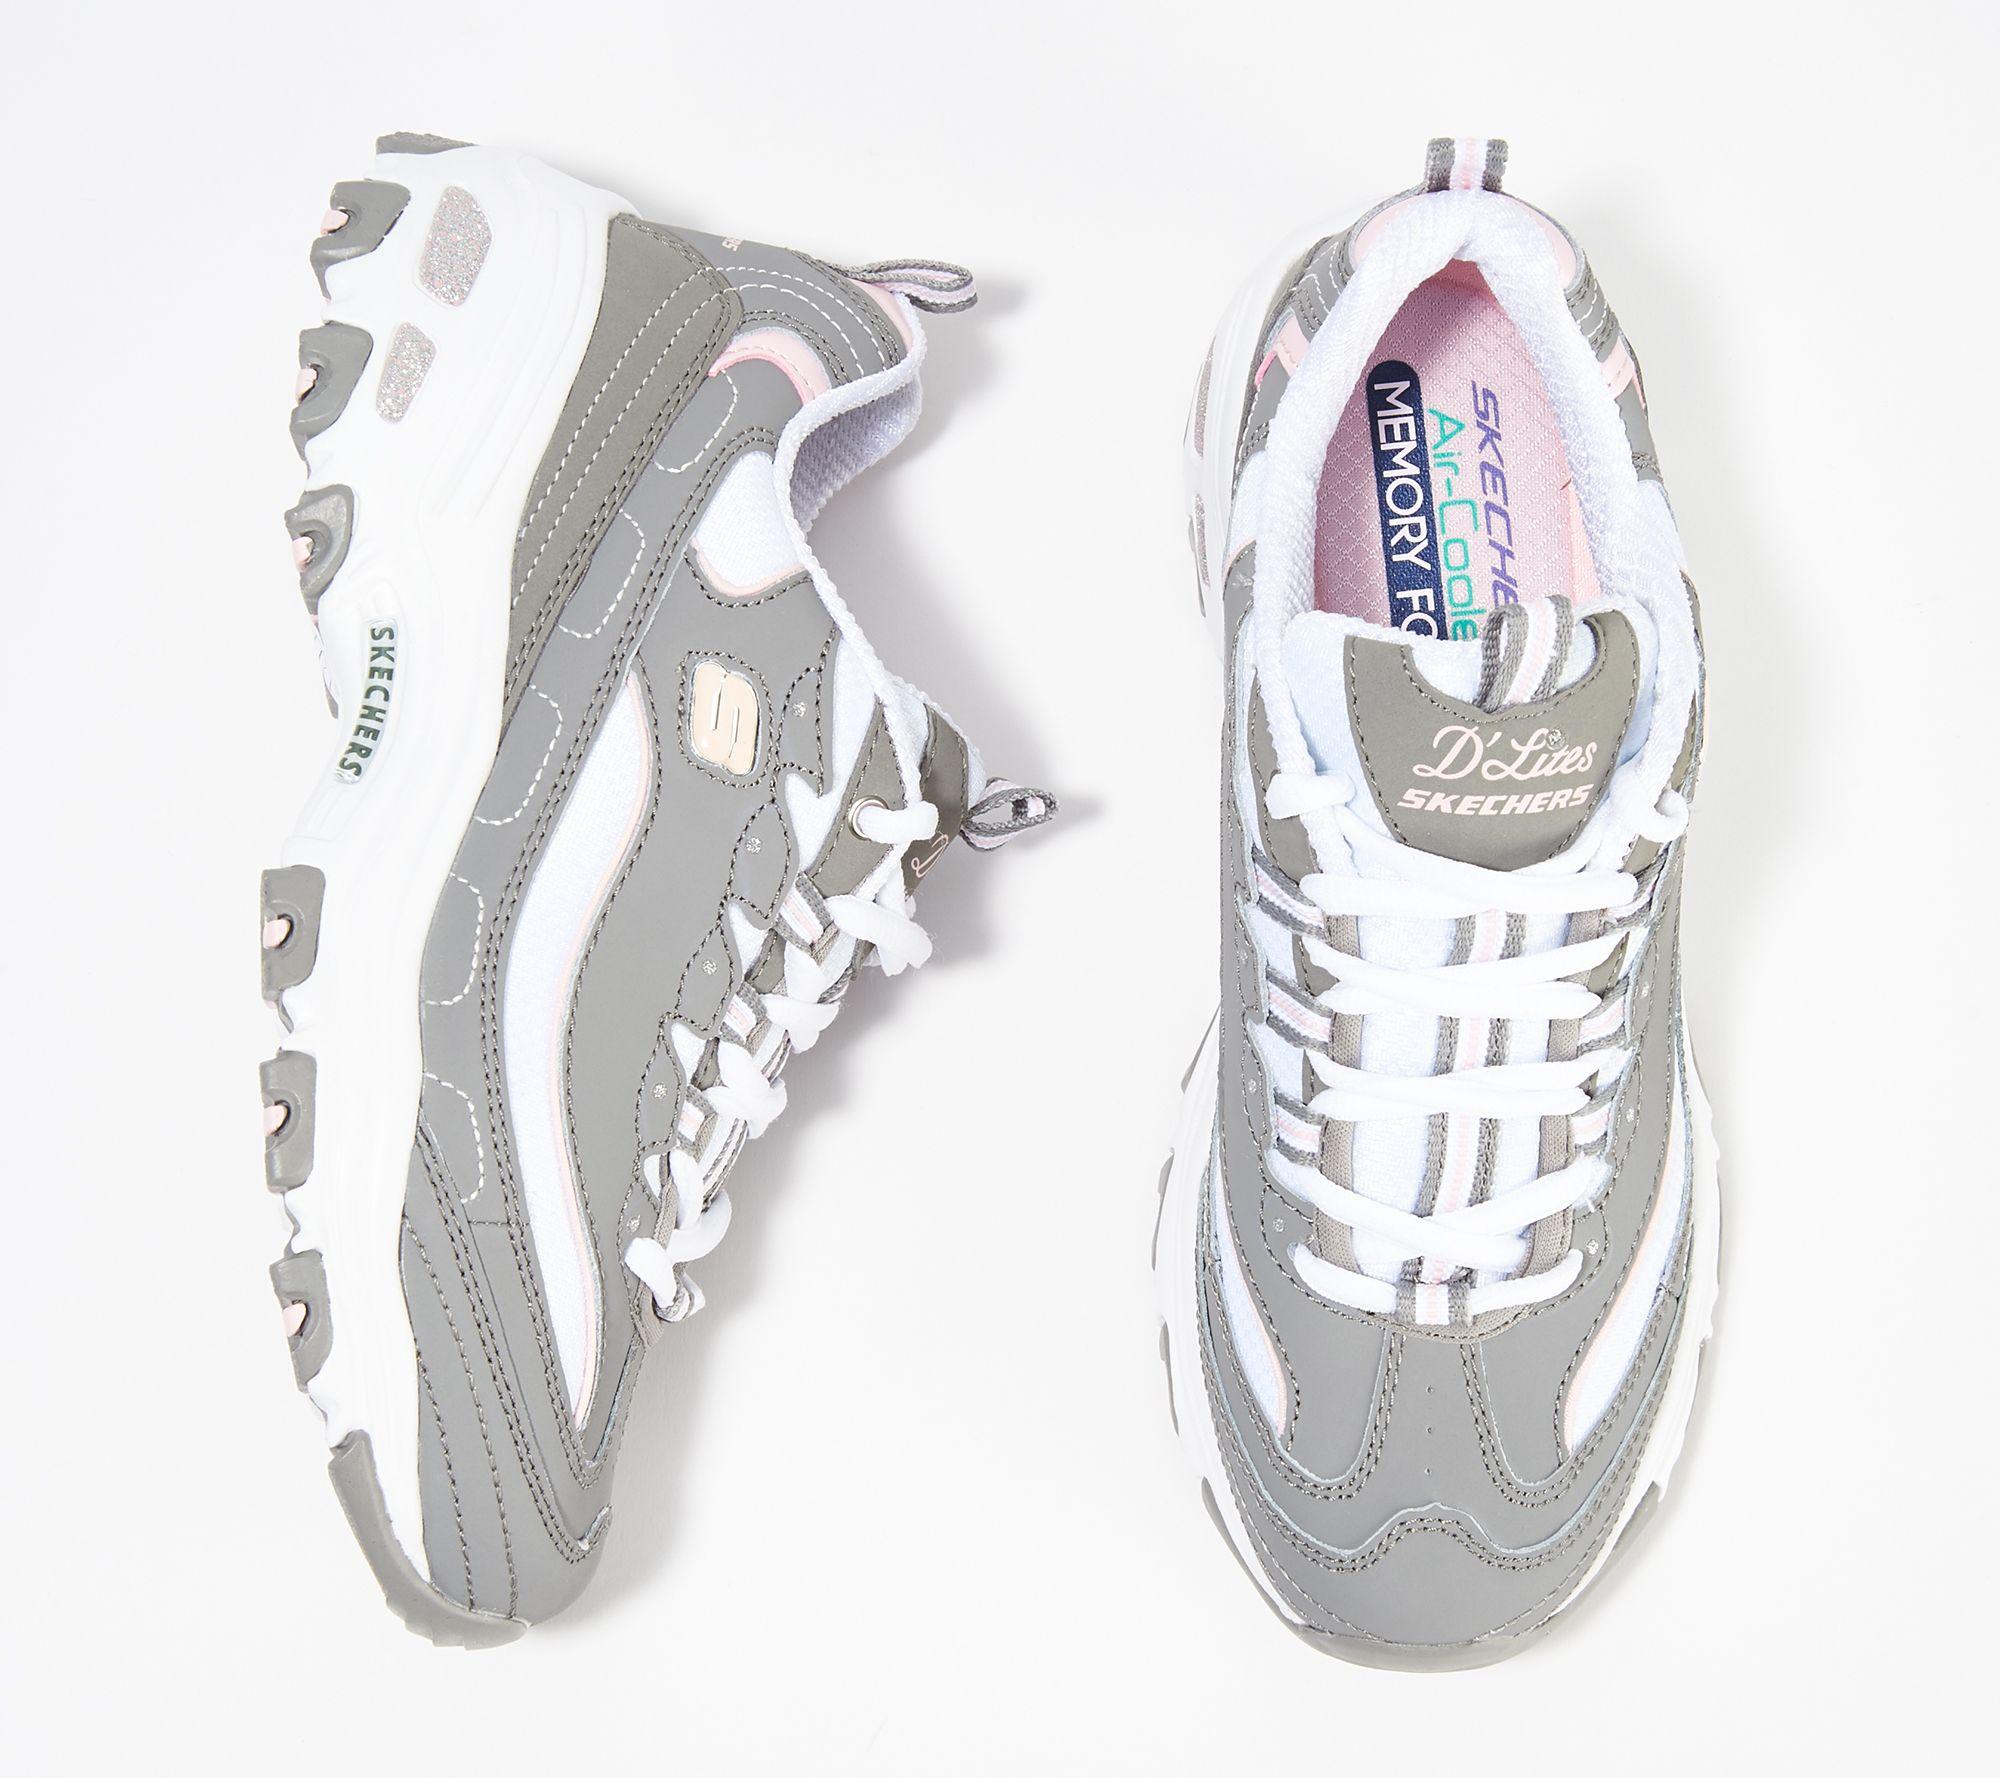 459fa316e27a Skechers D Lites Lace-Up Sneakers - Biggest Fan - Page 1 — QVC.com